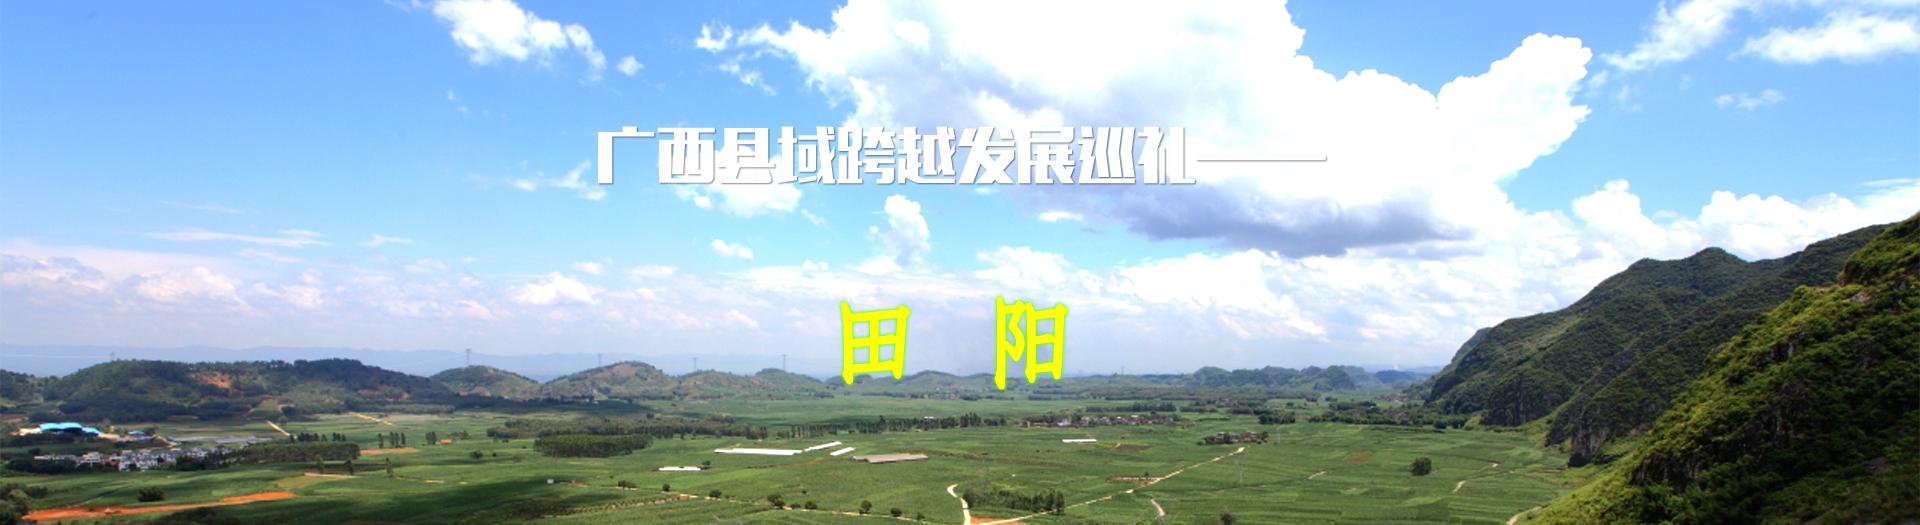 广西县域跨越发展巡礼——田阳